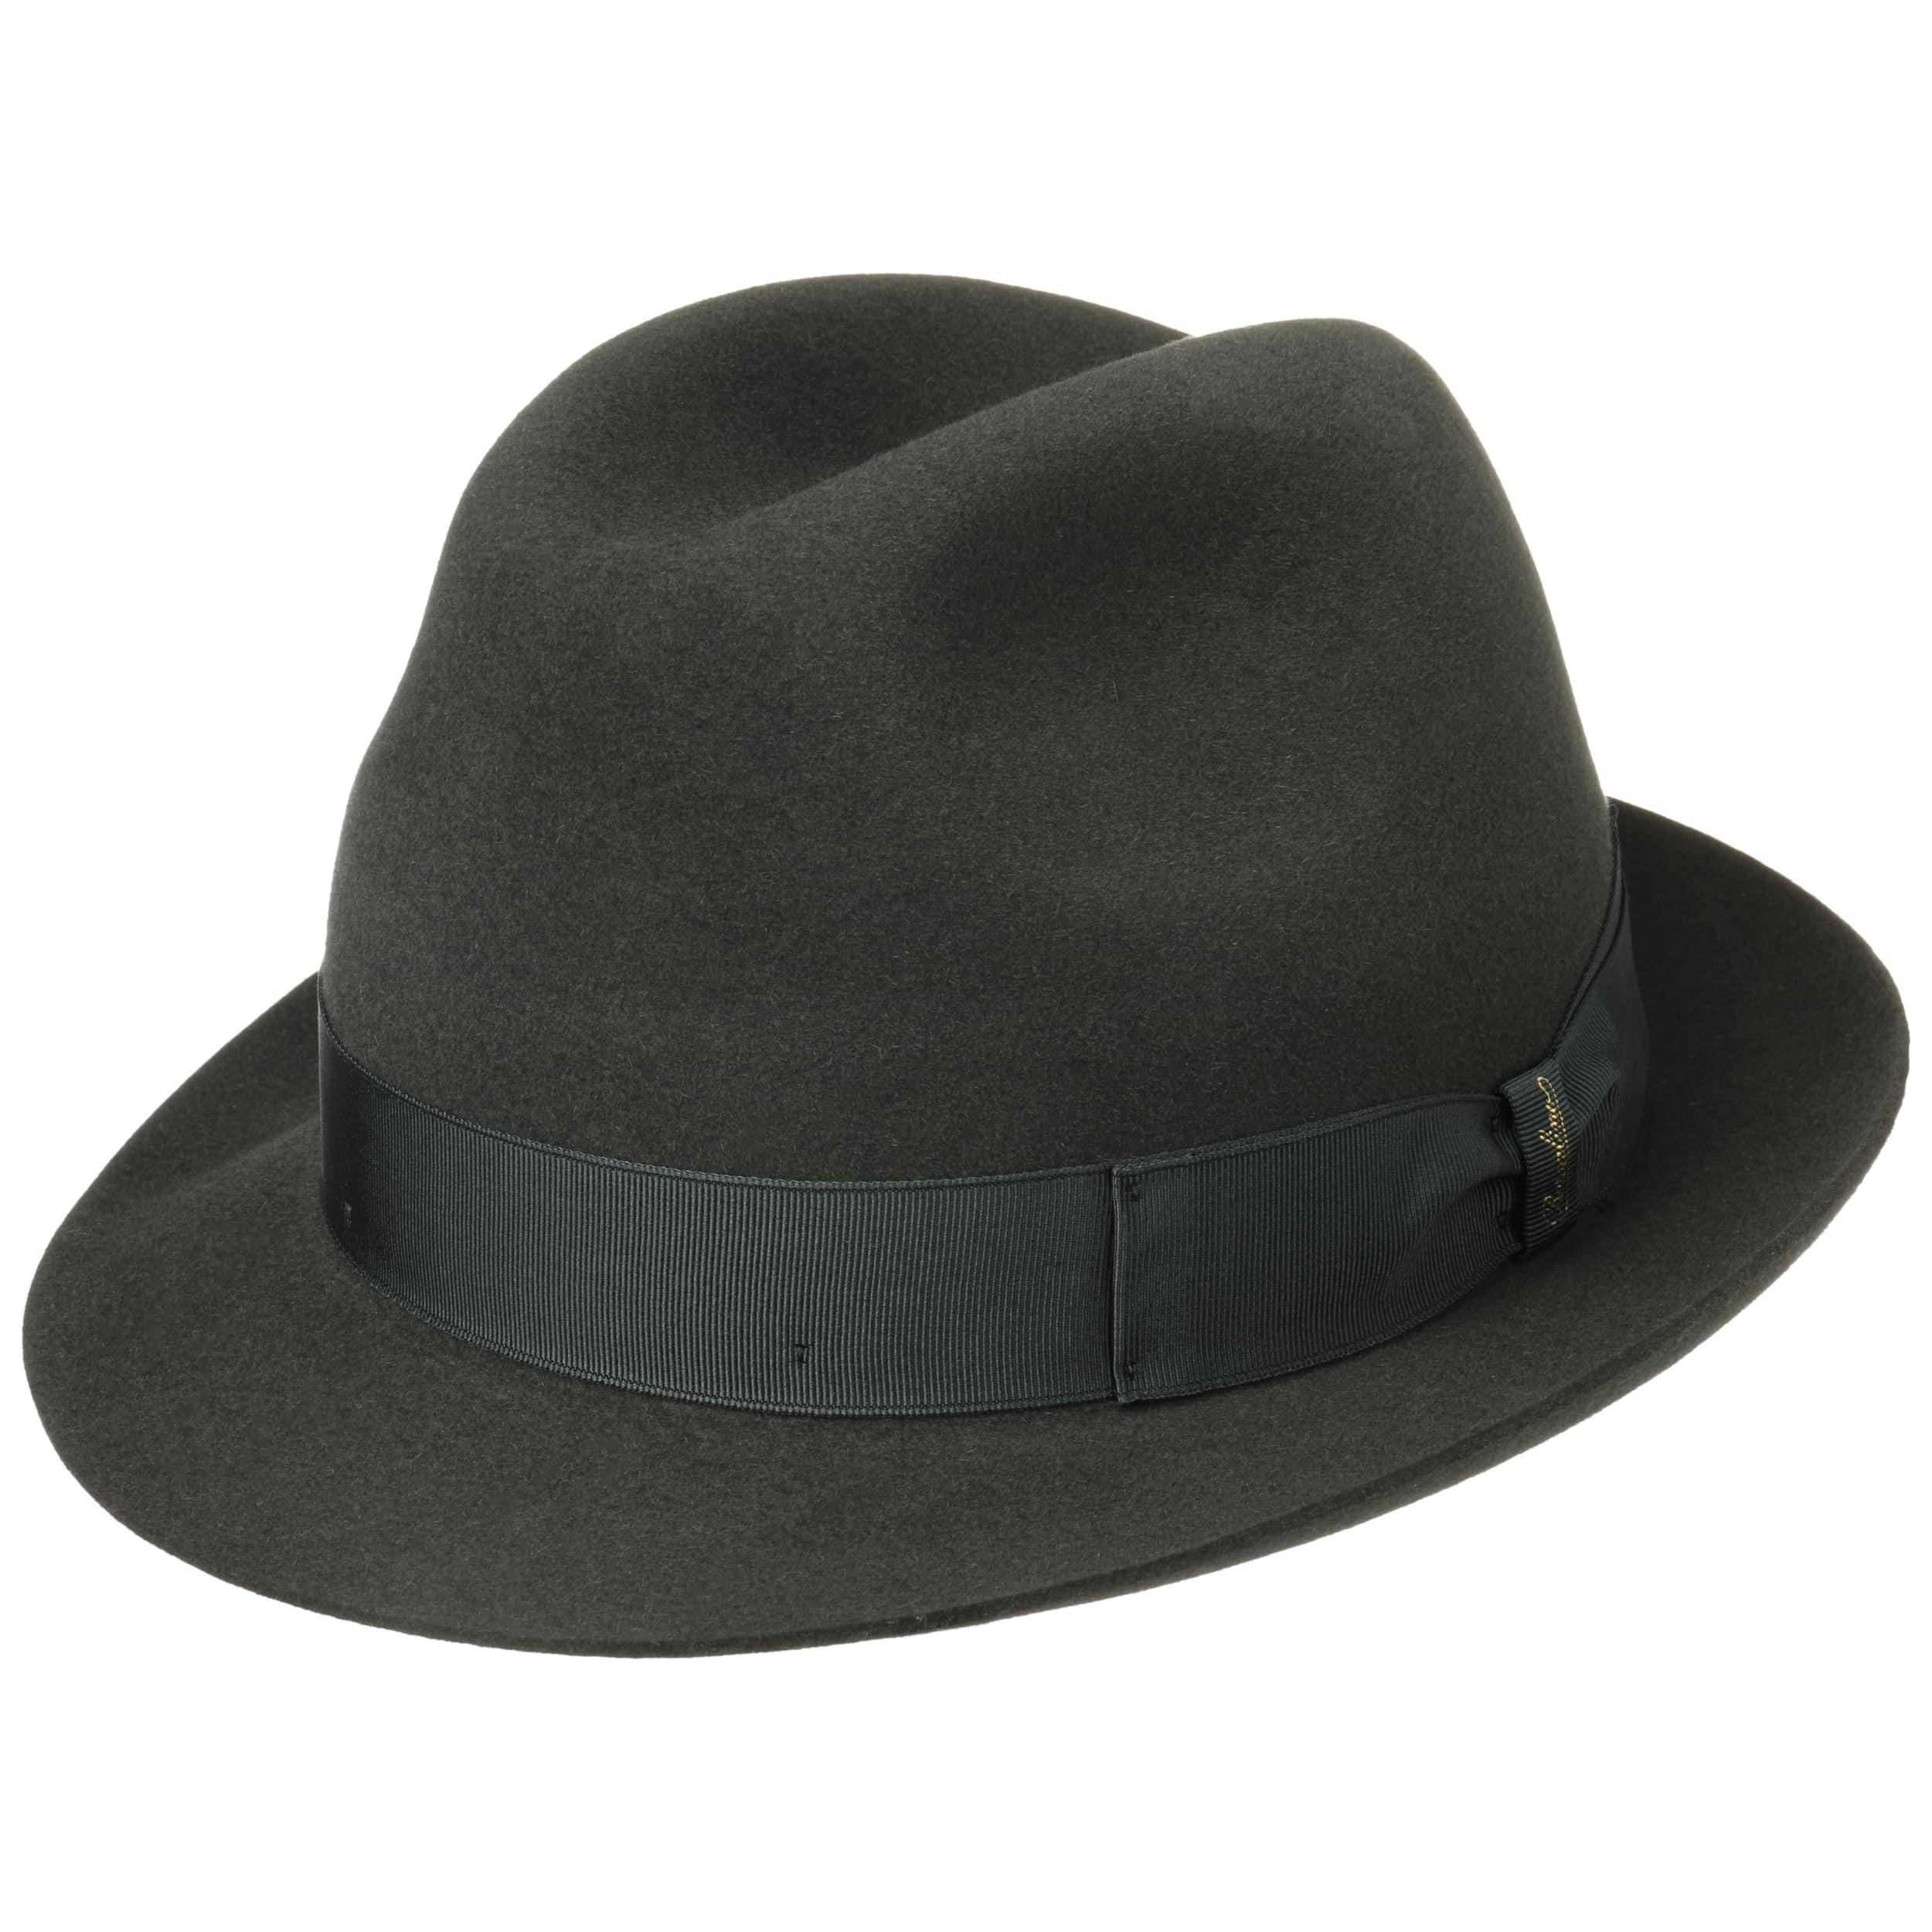 Sombrero Marengo Fedora by Borsalino - Sombreros - sombreroshop.es 9aca22c281d